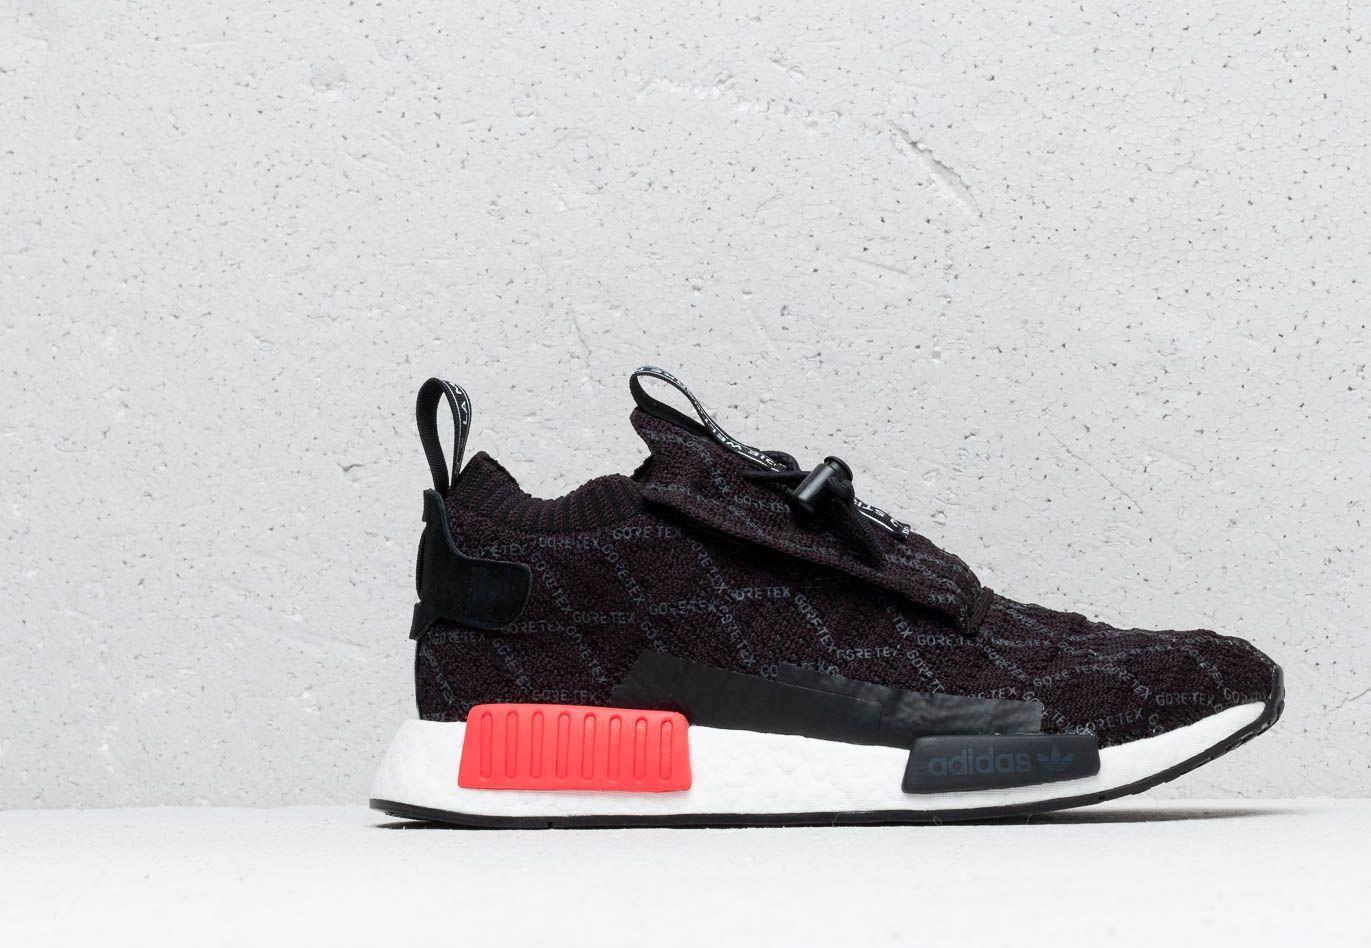 f89dbba0f Adidas Originals - Adidas Nmd ts1 Pk Gtx Core Black  Carbon  Shored for Men  -. View fullscreen